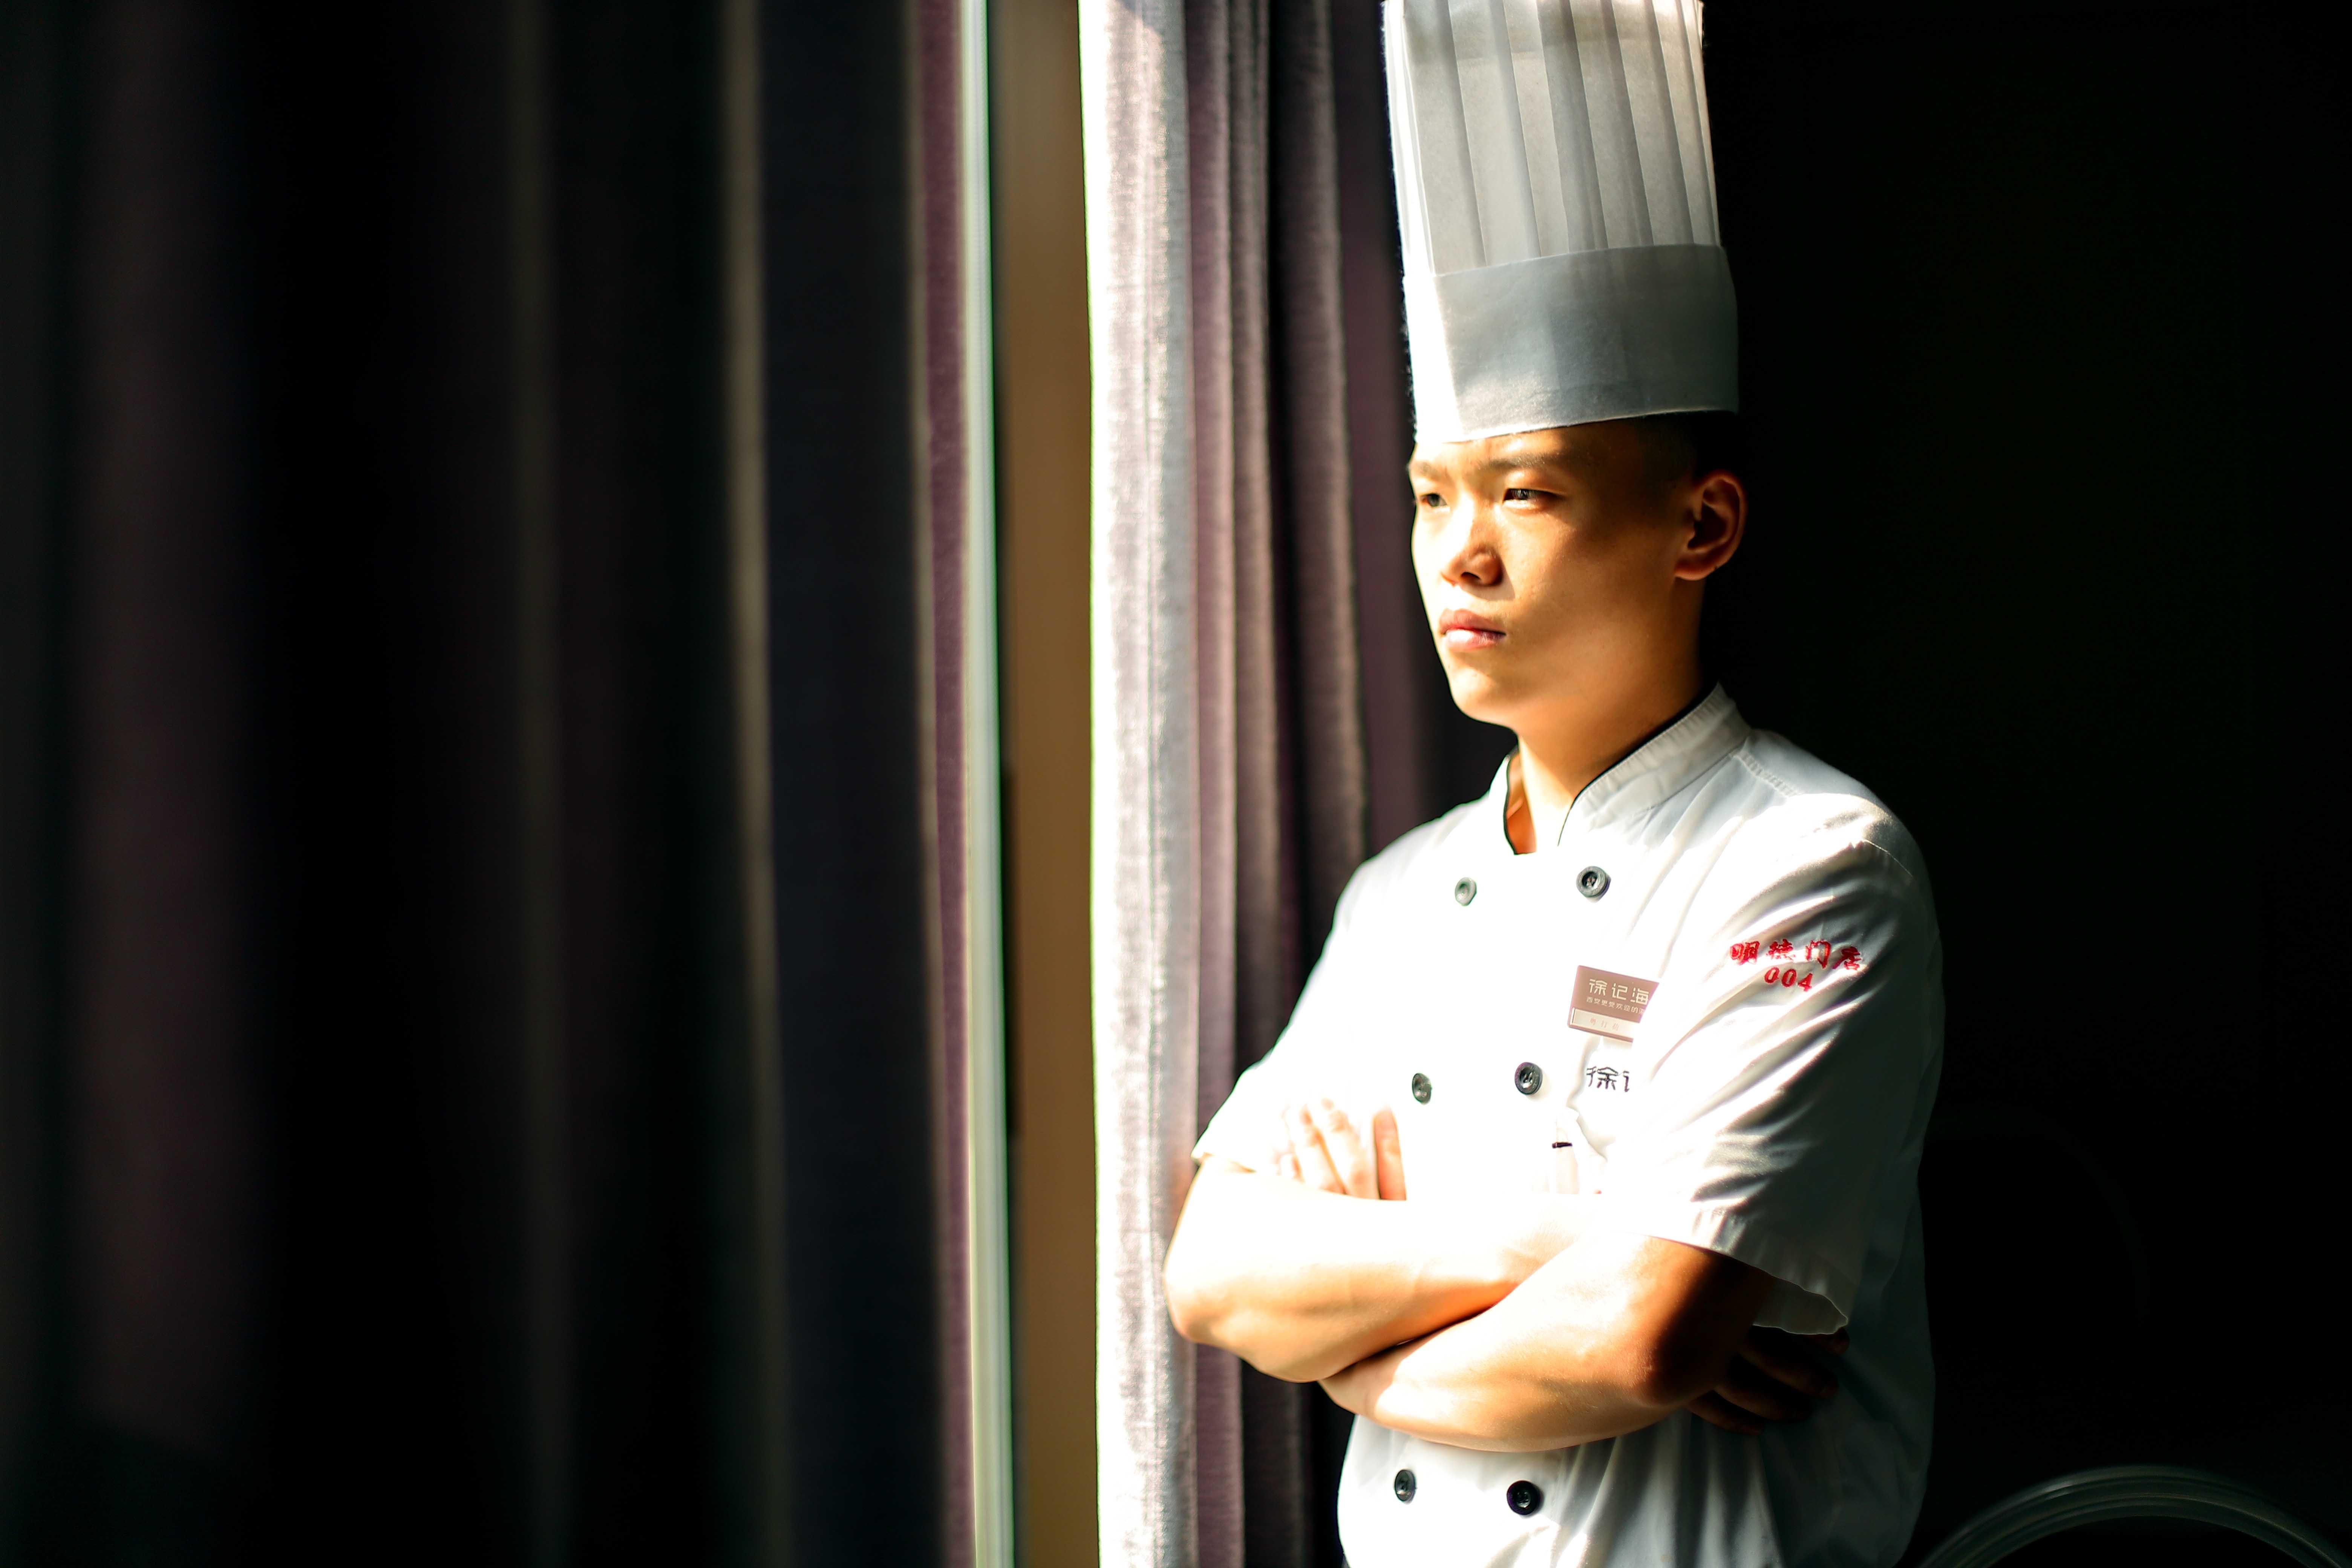 <b>陕西新纪元烹饪学校毕业学子郭鹏飞:脚踏实地,扬帆起航</b>